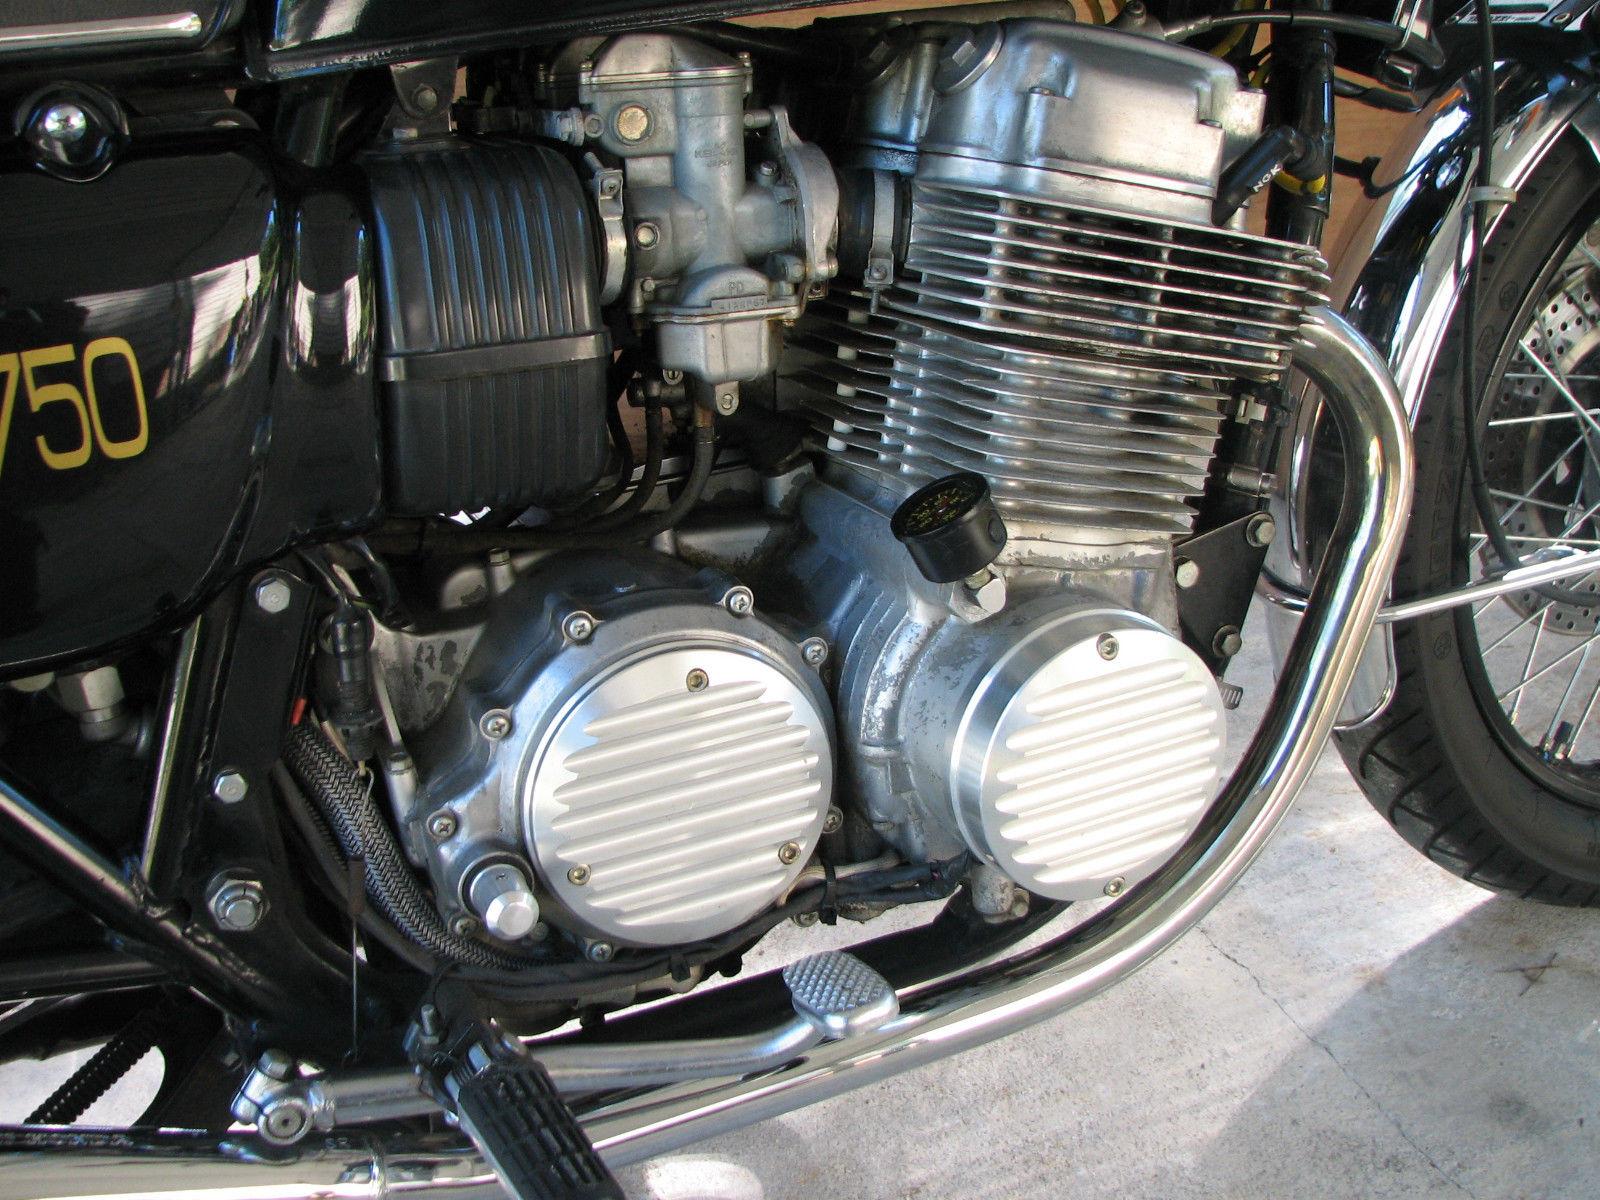 Honda CB750 - 1977